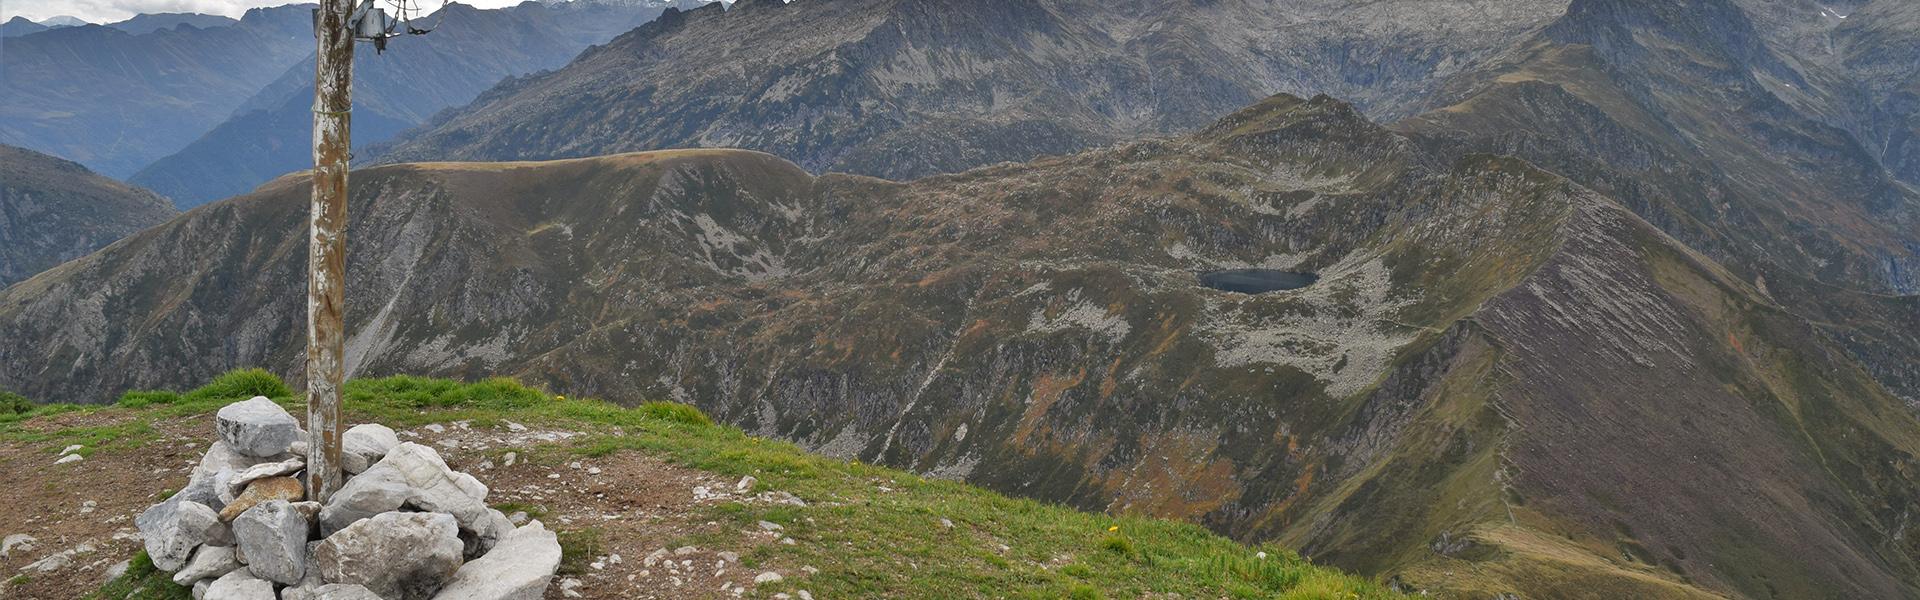 Le Mont Ceint ou pic de Girantes